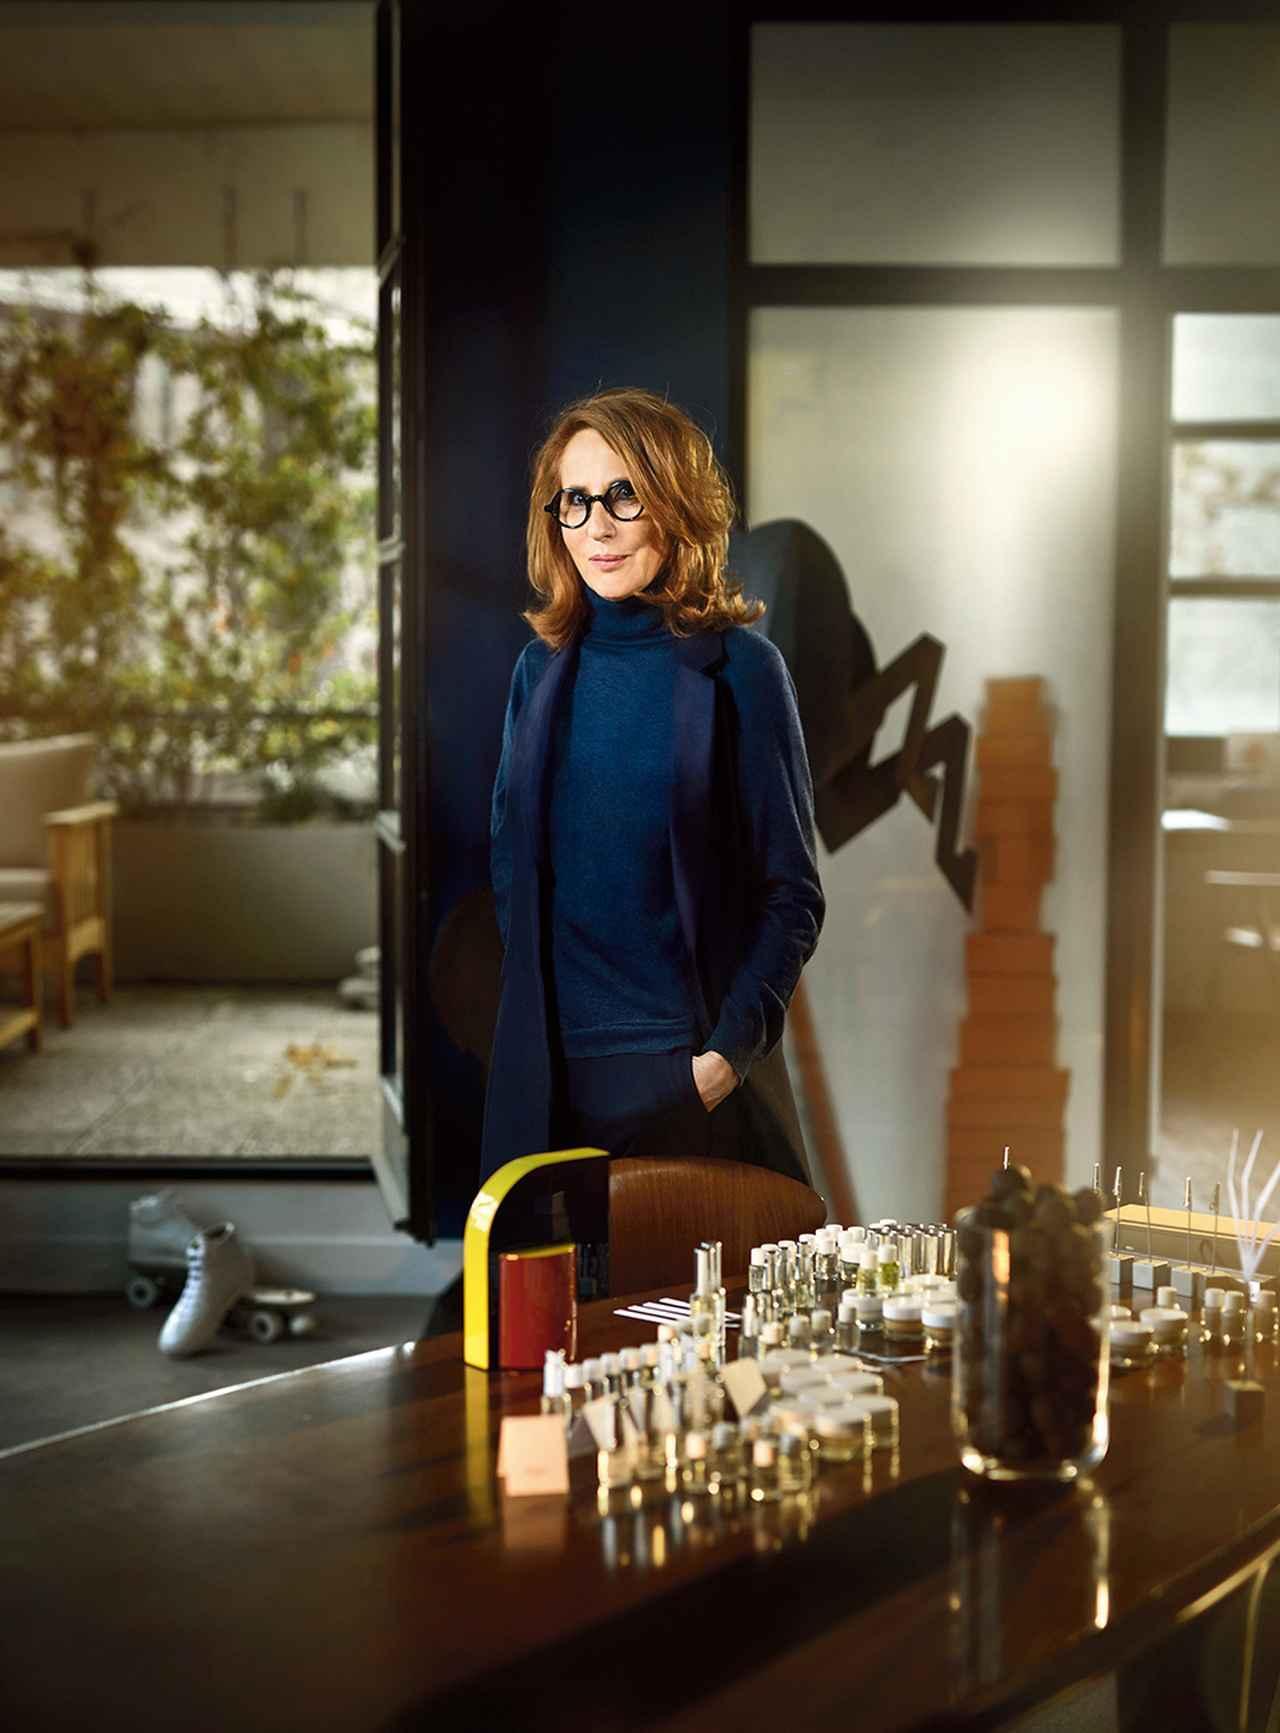 画像: フレグランス部門 クリスティーヌ・ナジェル 2016年、エルメスの専属調香師に就任。アトリエの場所を自由に決めていいと言われて彼女が選んだのは、パンタンのエルメス社最上階にあるテラスつきのスペース。そこはピエール=アレクシィの父、ジャン=ルイ・デュマがかつて使っていた部屋だ。 「エルメスでは時間という最高の贈り物を受け取ったわ」とナジェル。「予算もなければ締め切りもない。フォーカスグループ(市場調査)なんて無縁よ。ここでは、エルメスという名の、純粋なクリエーションの世界で仕事ができるの」